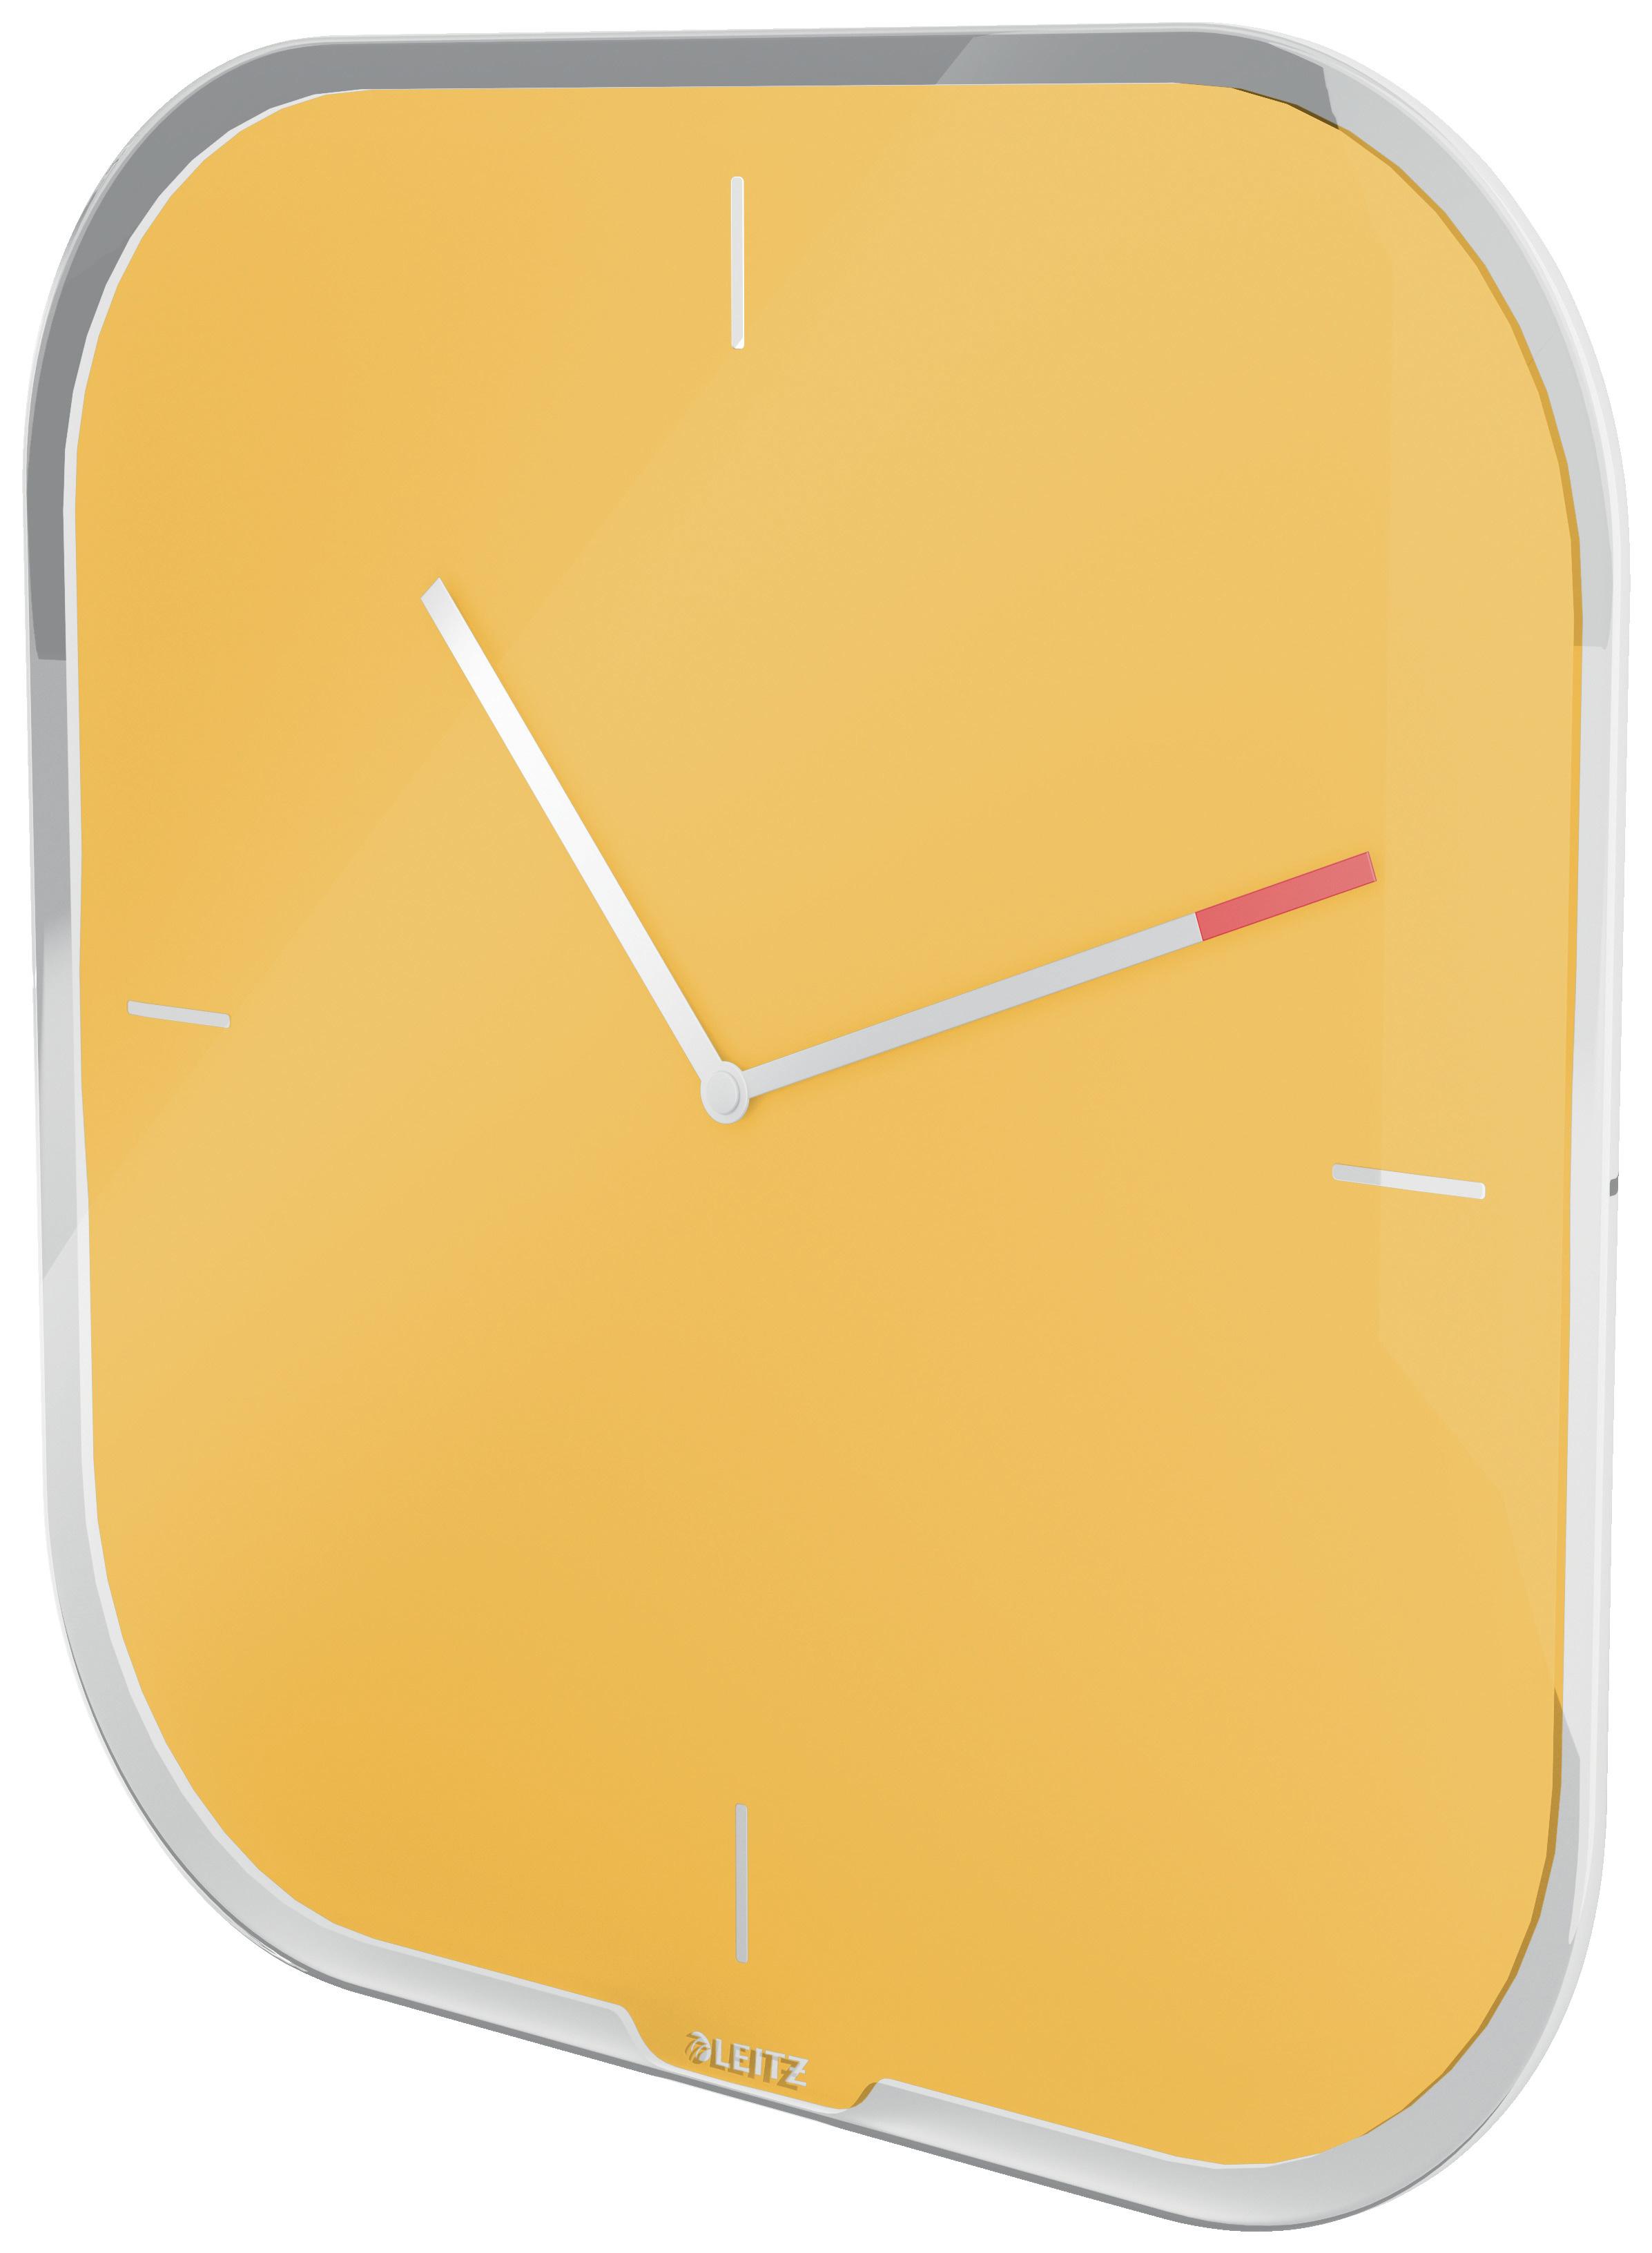 Часы настенные Cosy, квадратные, стекло, желт. LEITZ - фото 7